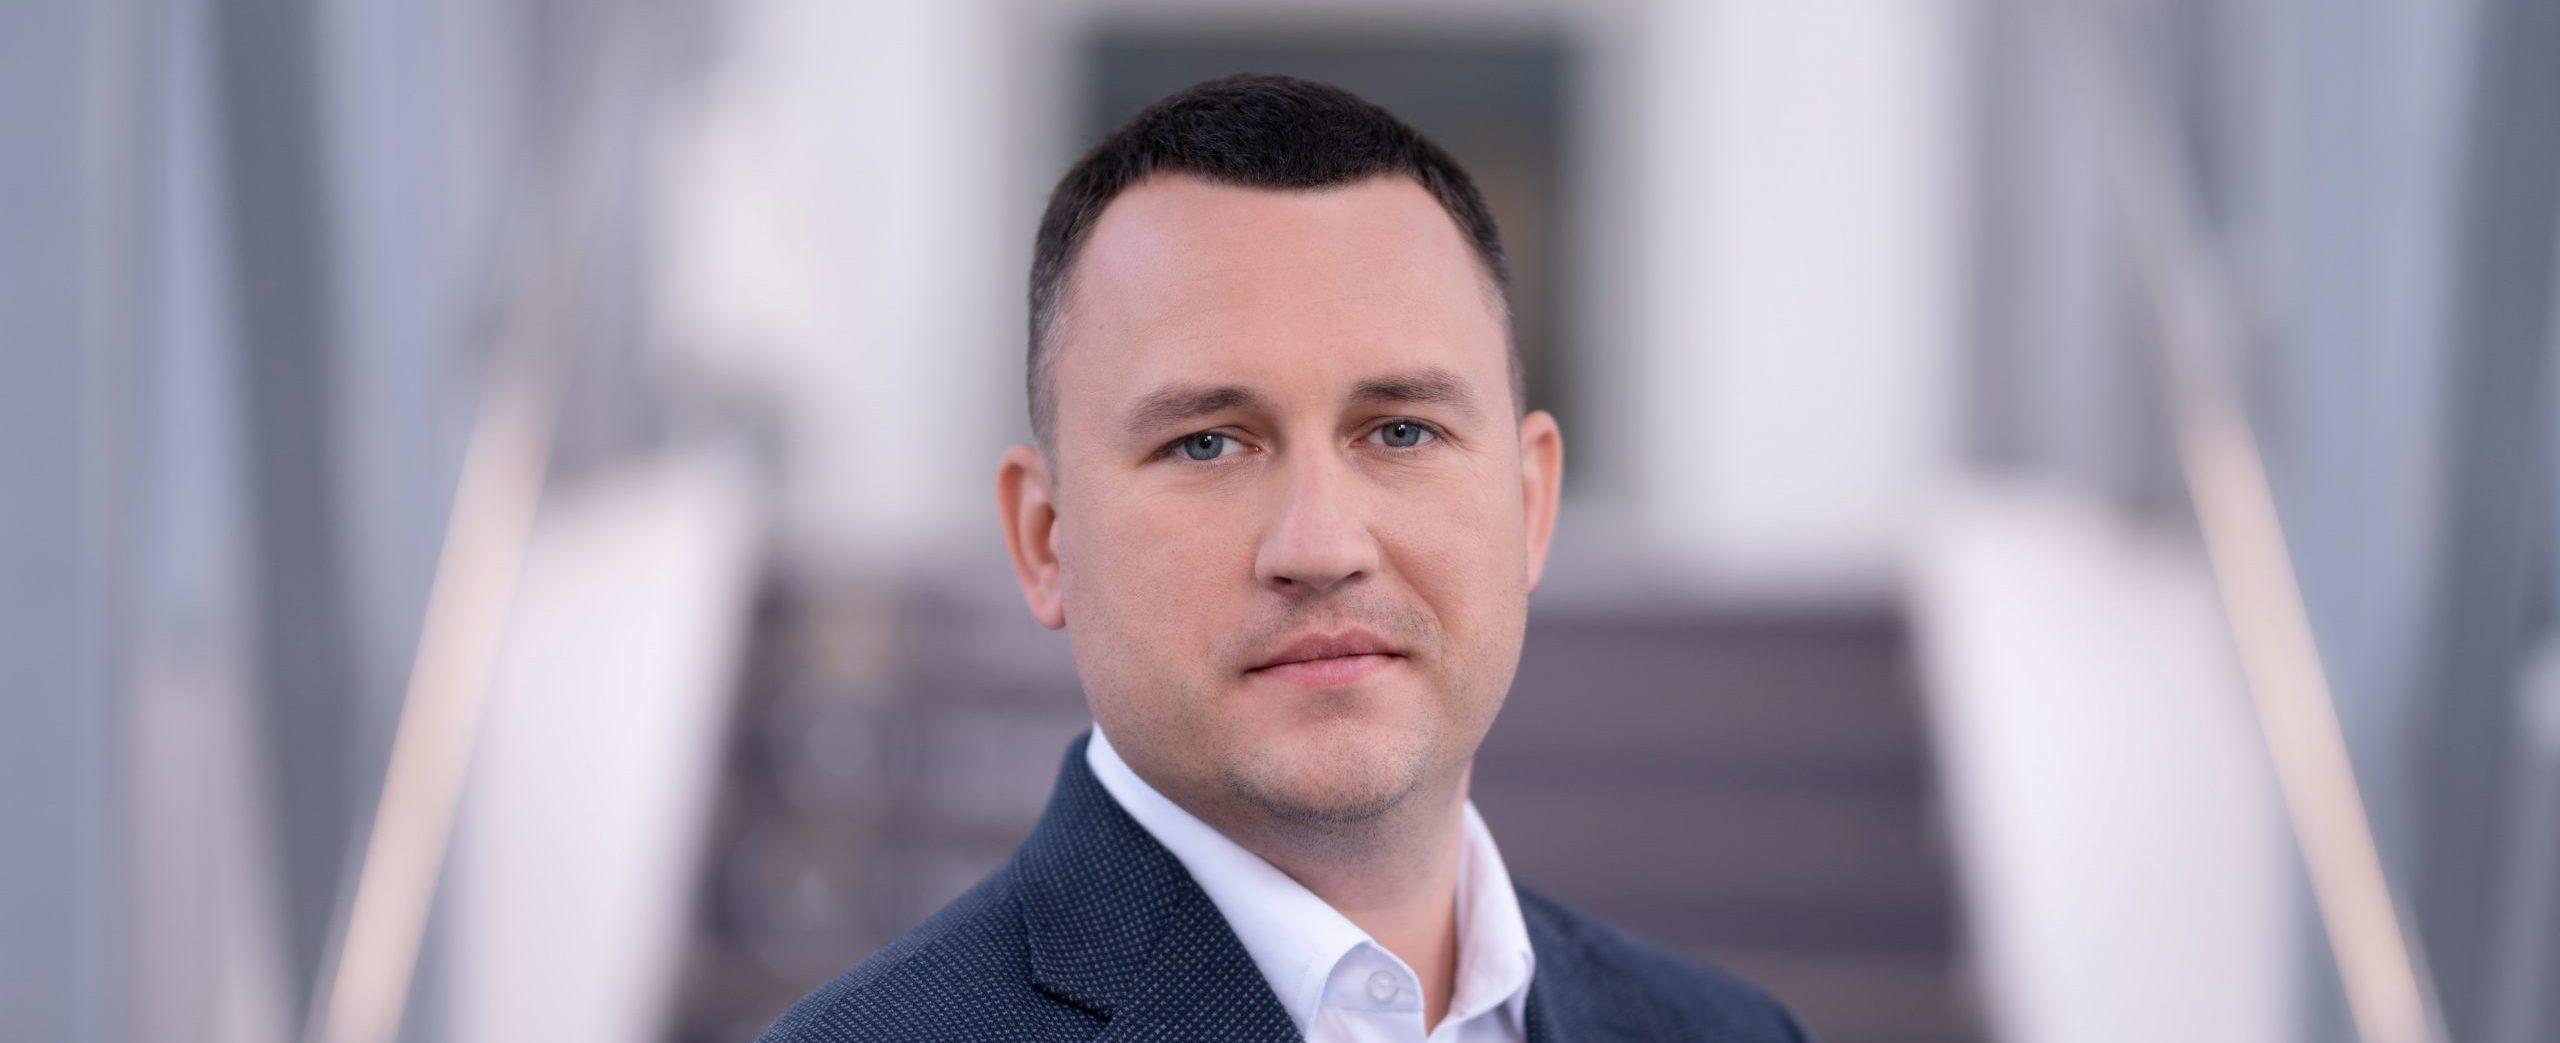 Три сервіси для віддаленої роботи співробітників: досвід «Київстар» | Kyivstar Business Hub зображення №1